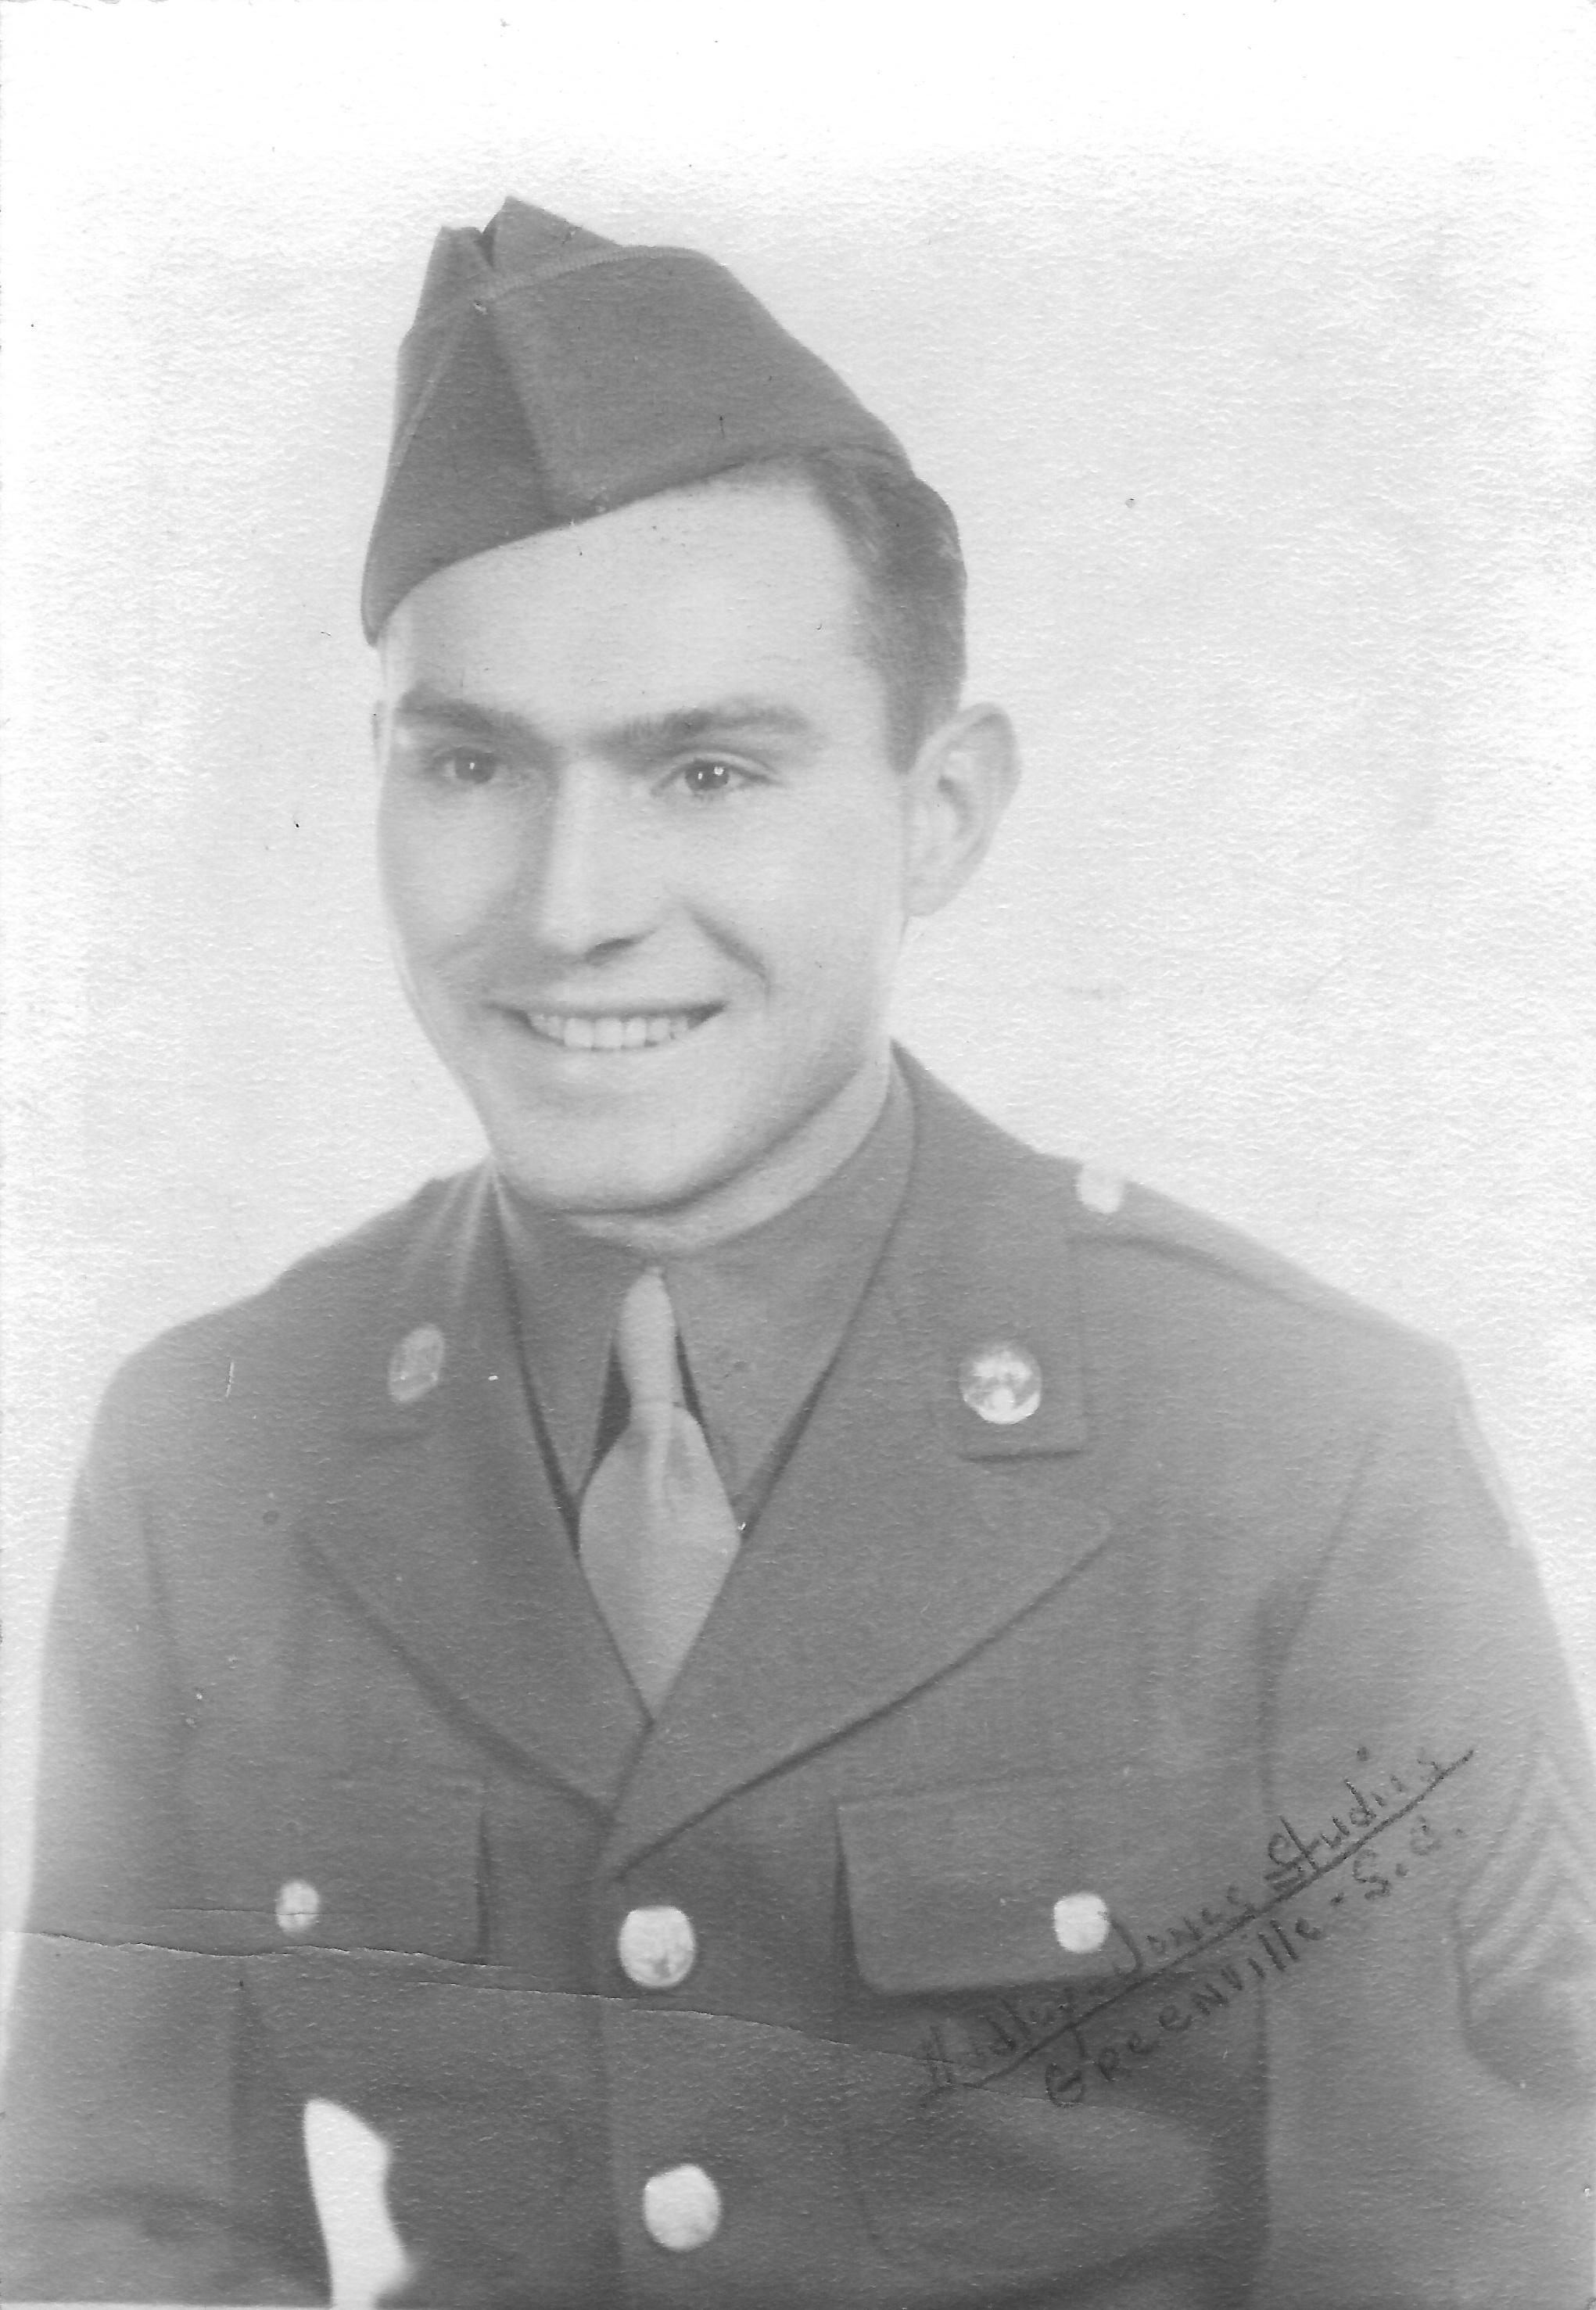 Chpt 22 Harold Smart, 1943